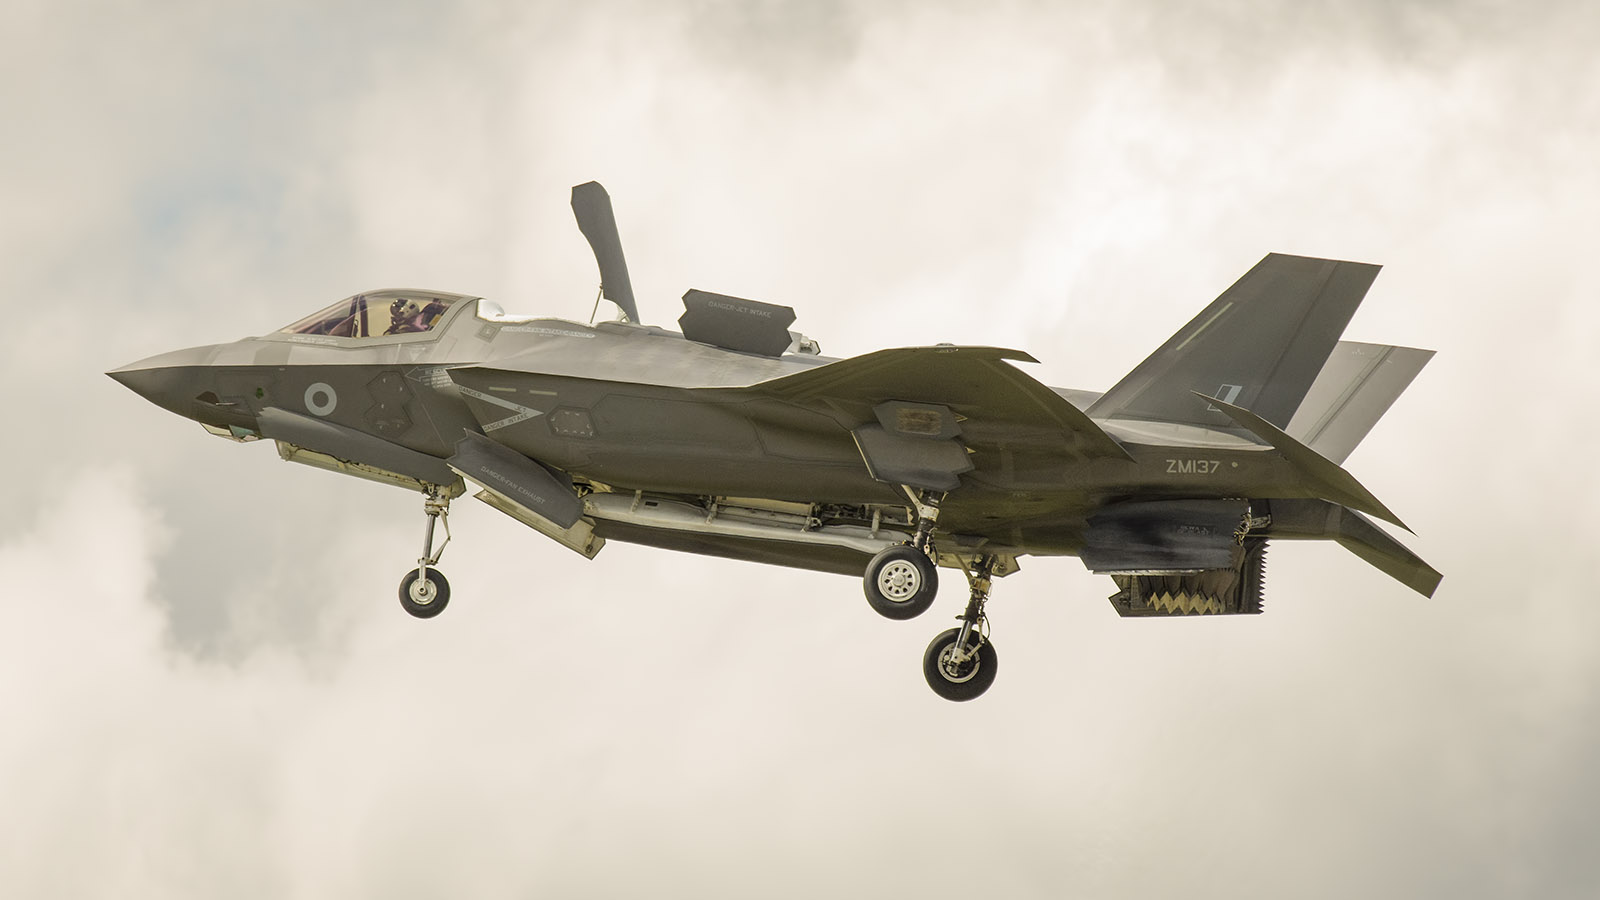 _IMG6101 Lockheed Martin F-35B Lightning II ZM137 RAF s